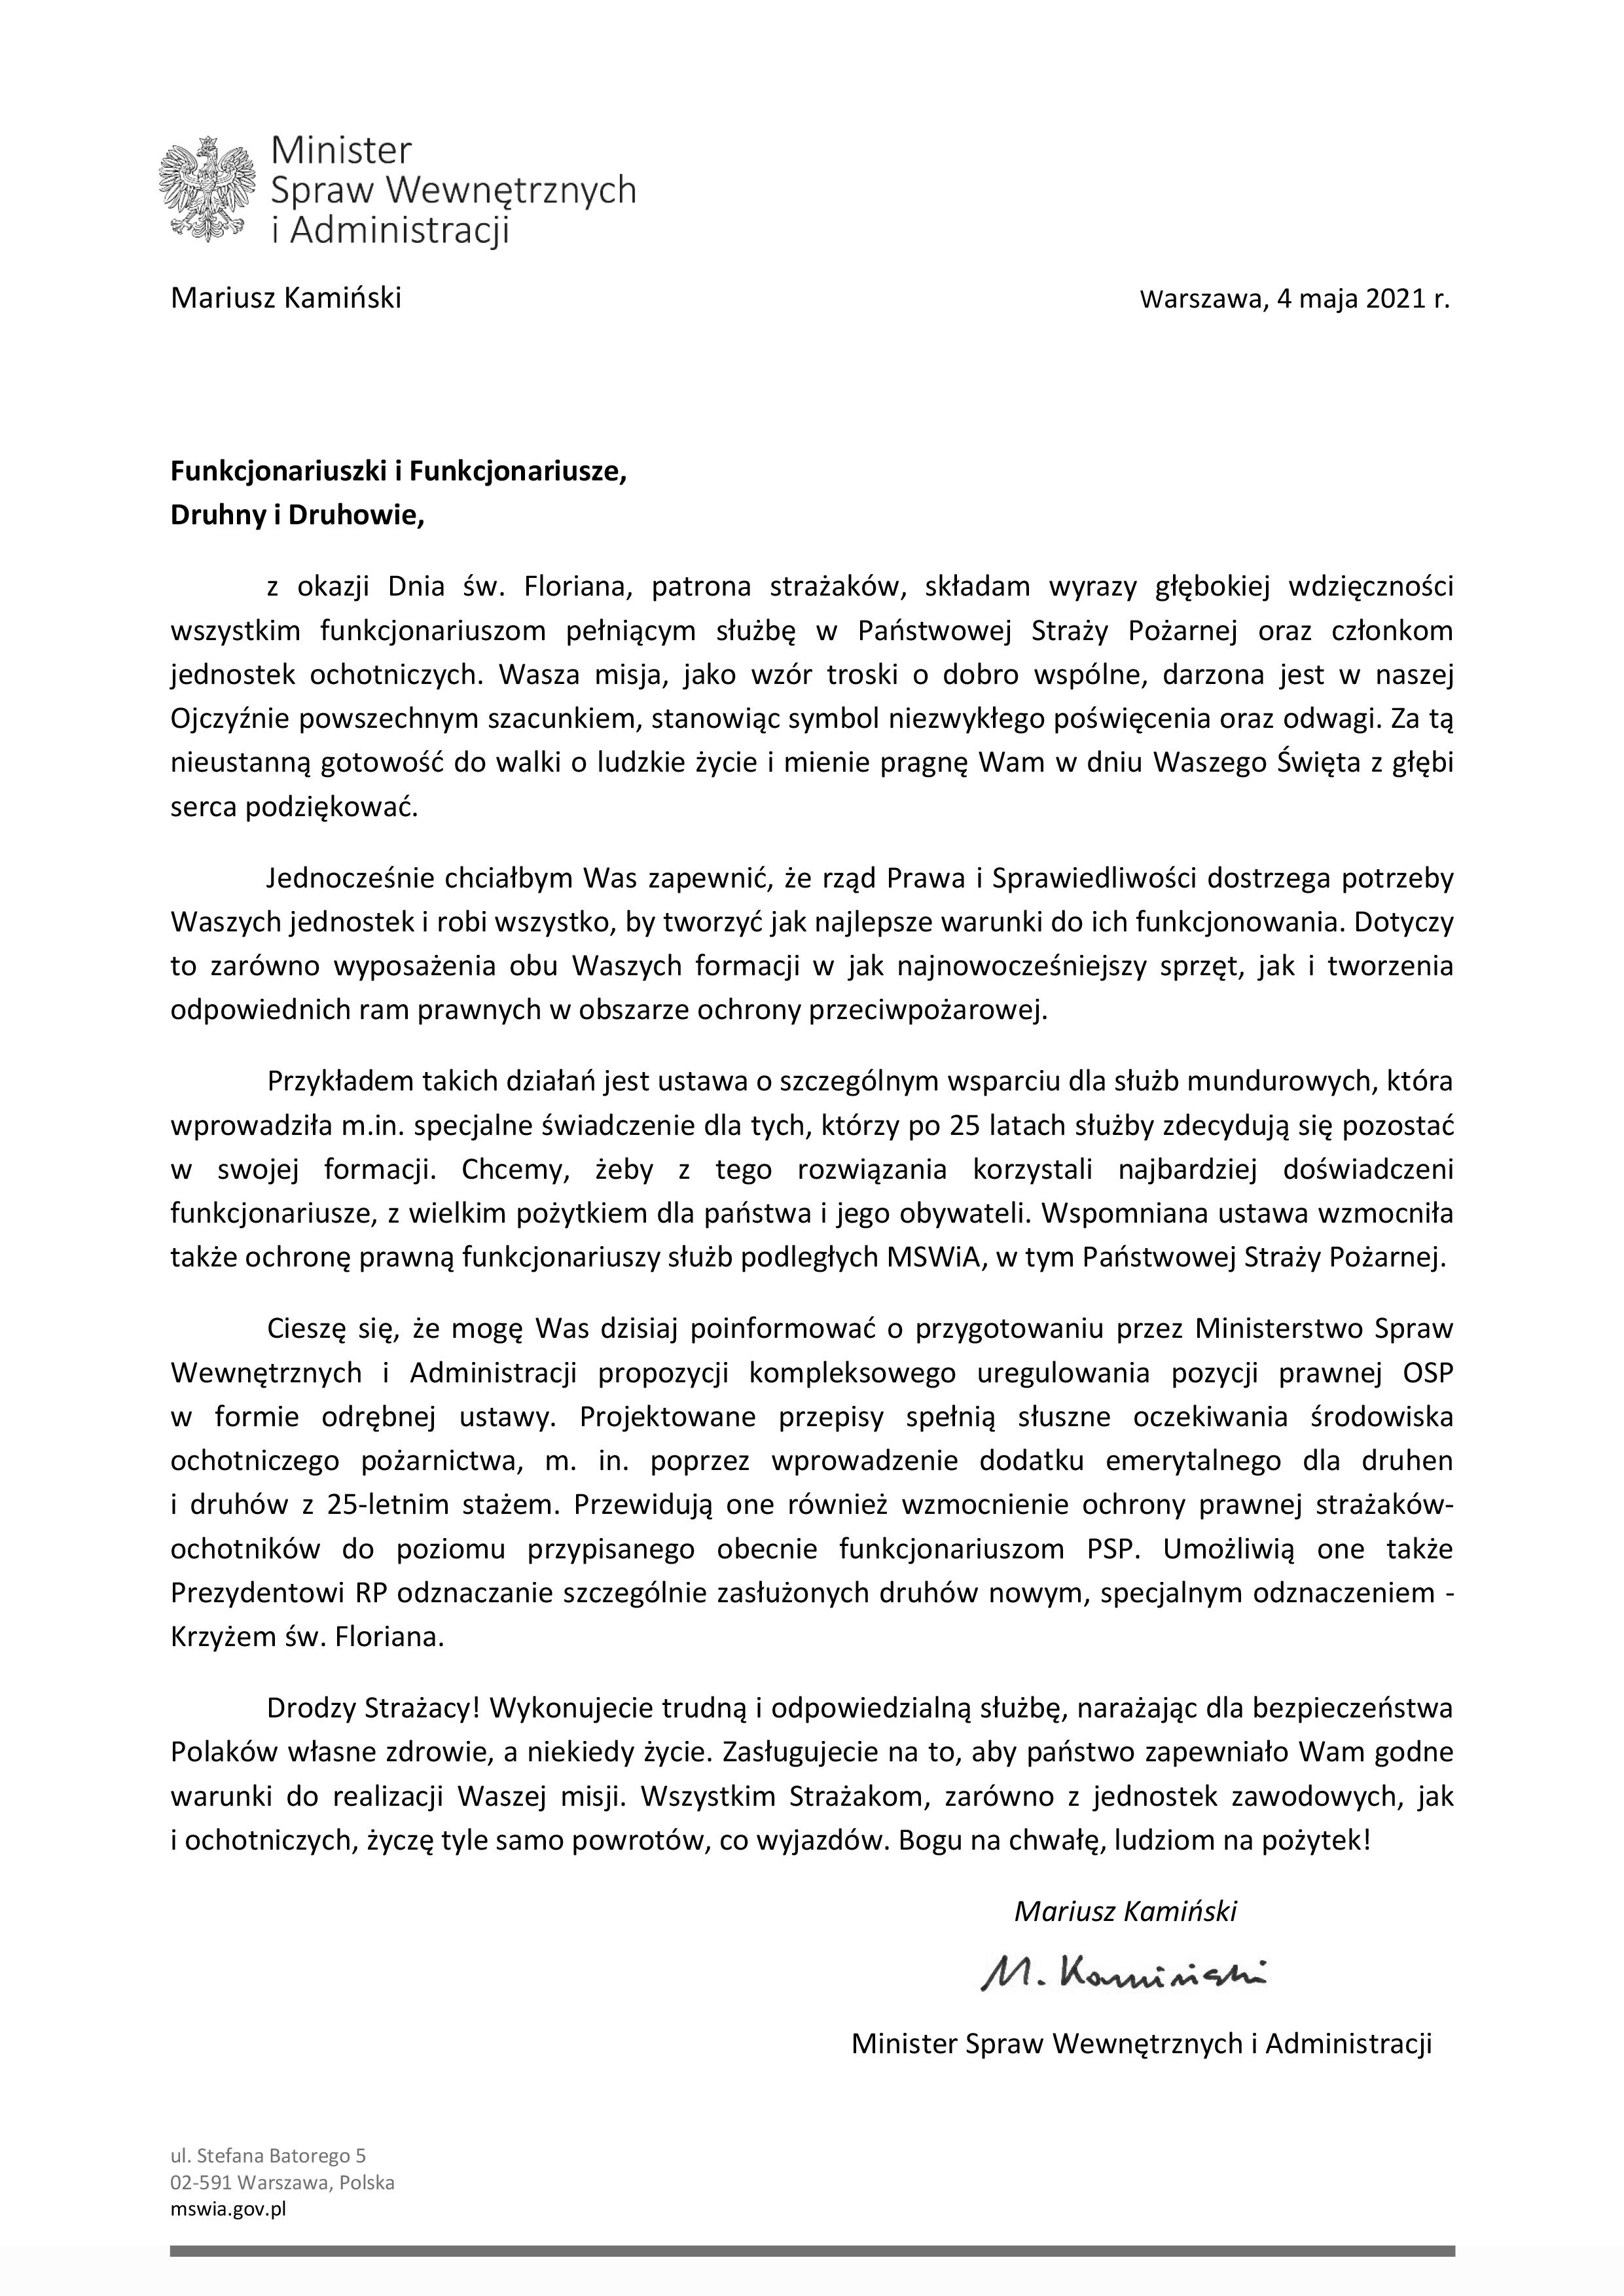 Zdjęcie zawiera treść życzeń Ministra Spraw Wewnętrznych i Administracji z okazji Dnia Strażaka. na dole podpis Ministra Spraw Wewnętrznych i Administracji Mariusza Kamińskiego.